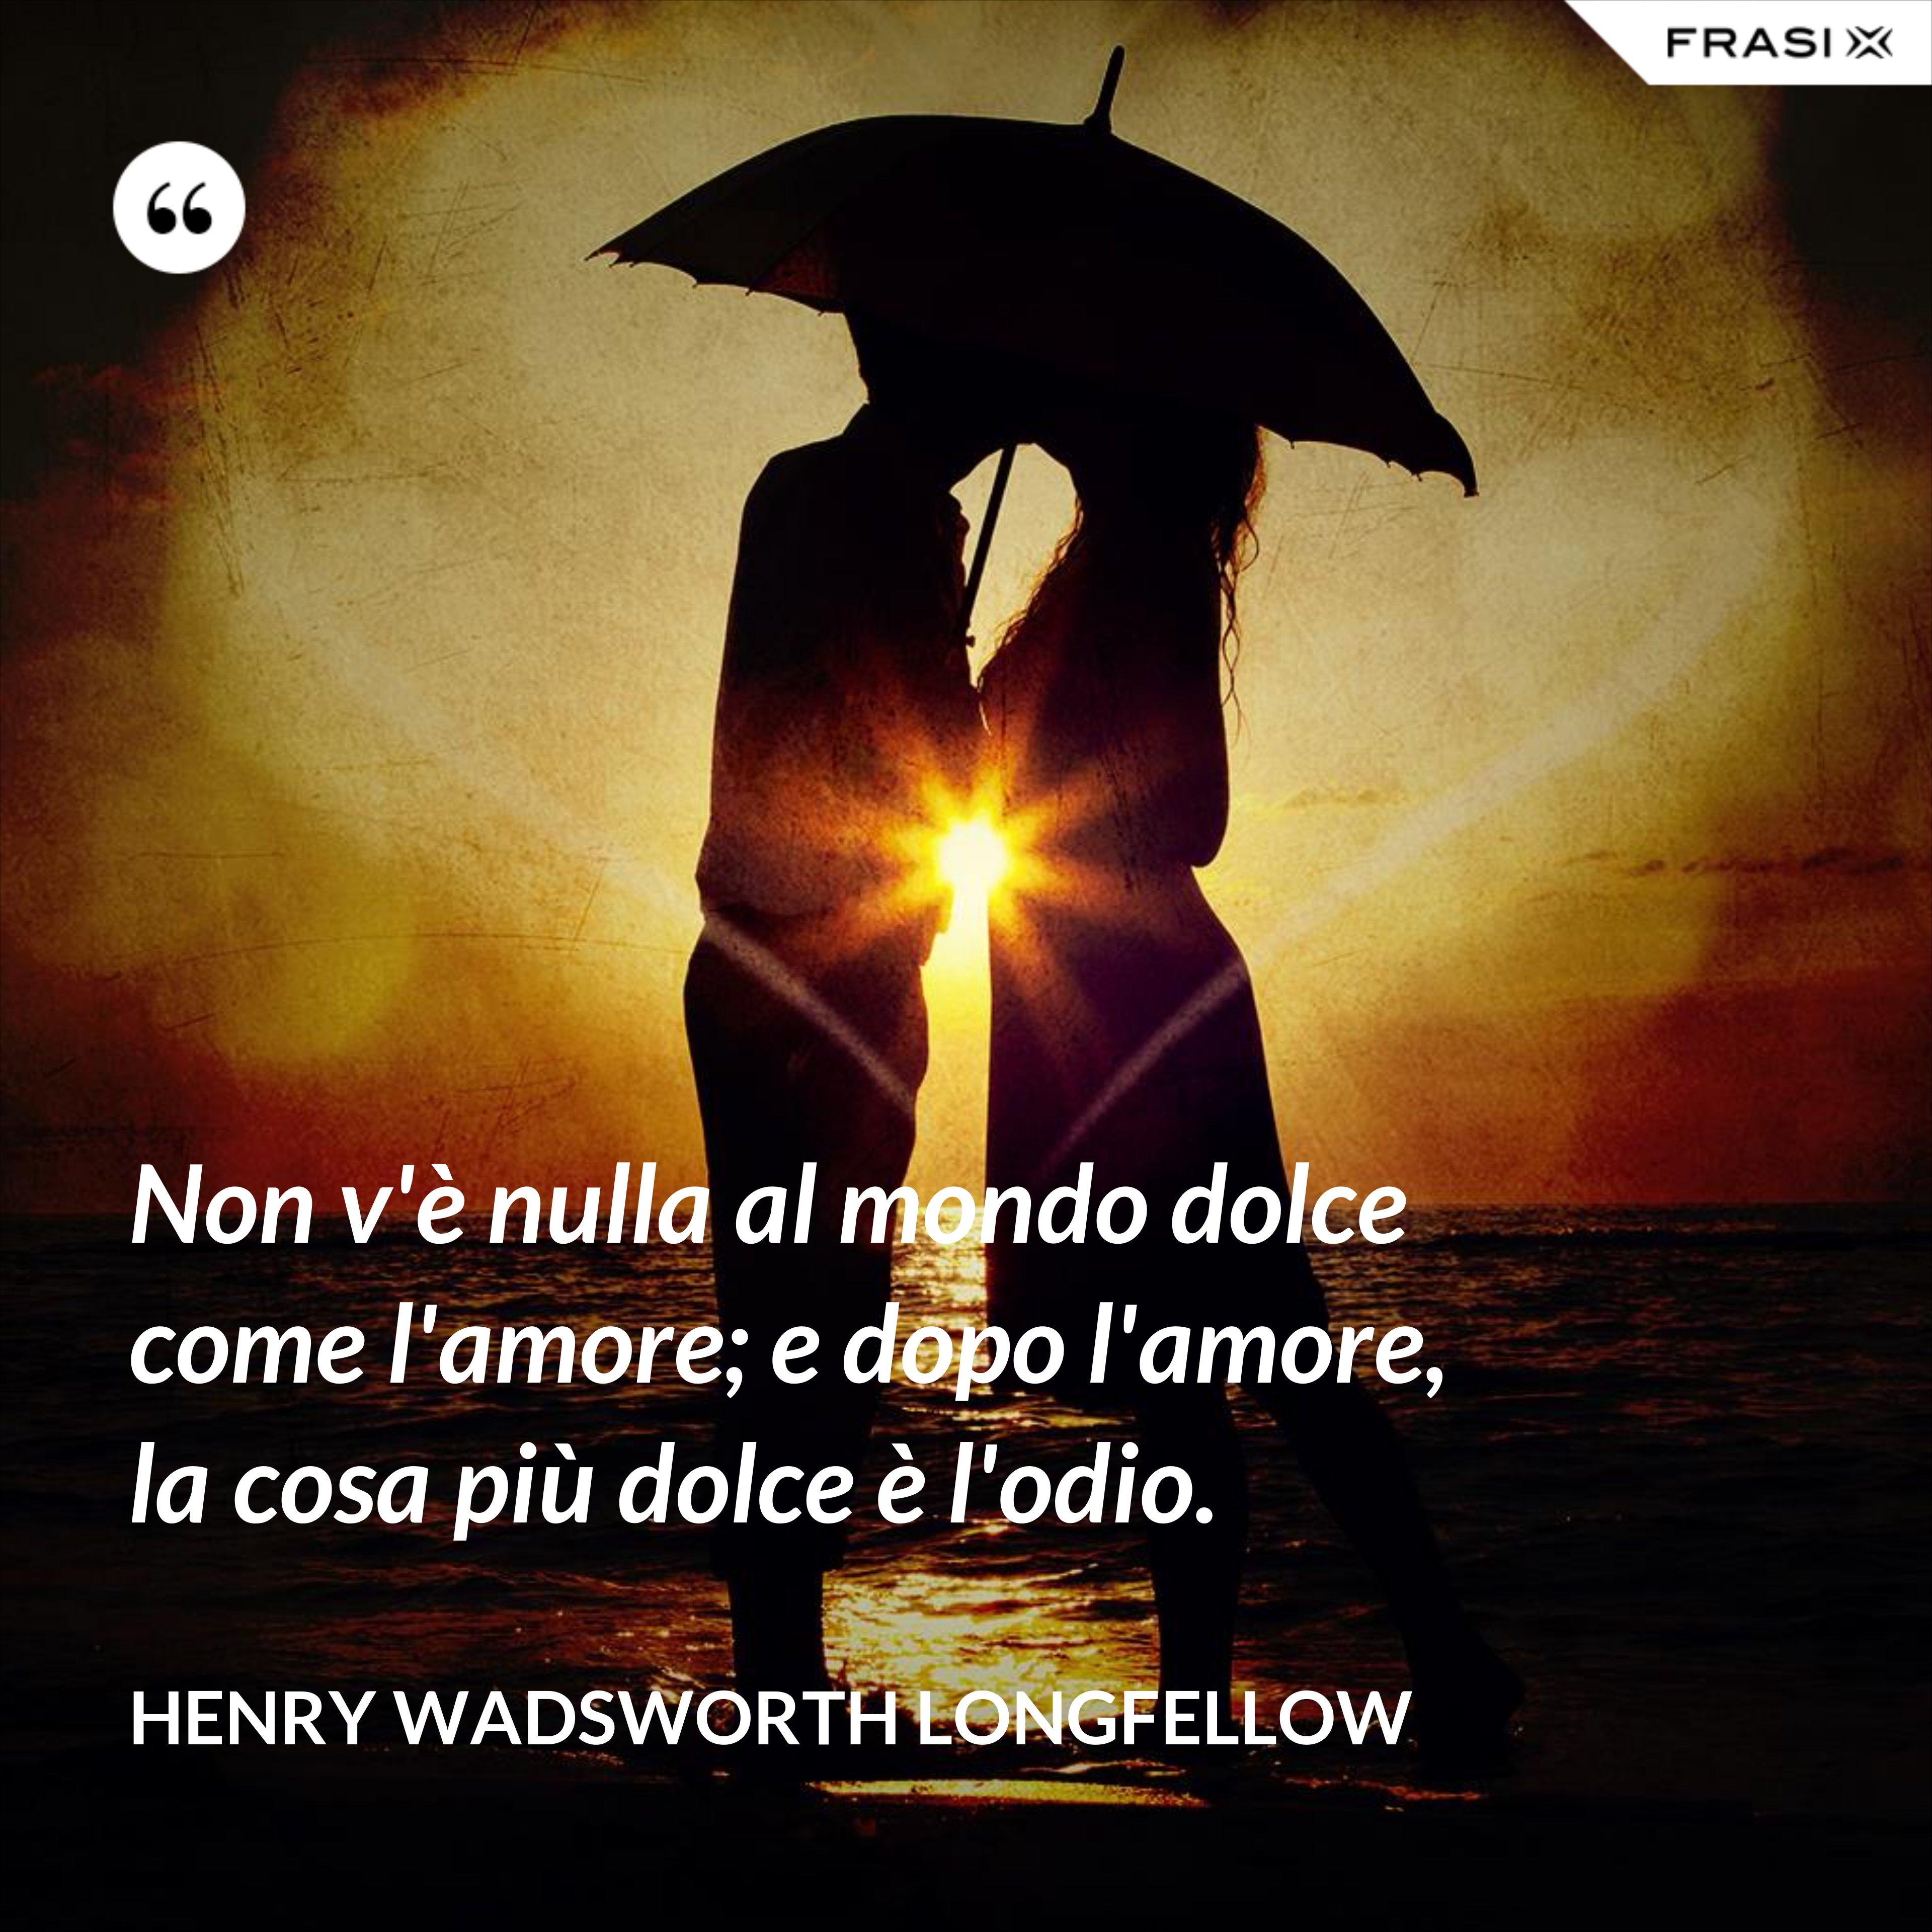 Non v'è nulla al mondo dolce come l'amore; e dopo l'amore, la cosa più dolce è l'odio. - Henry Wadsworth Longfellow